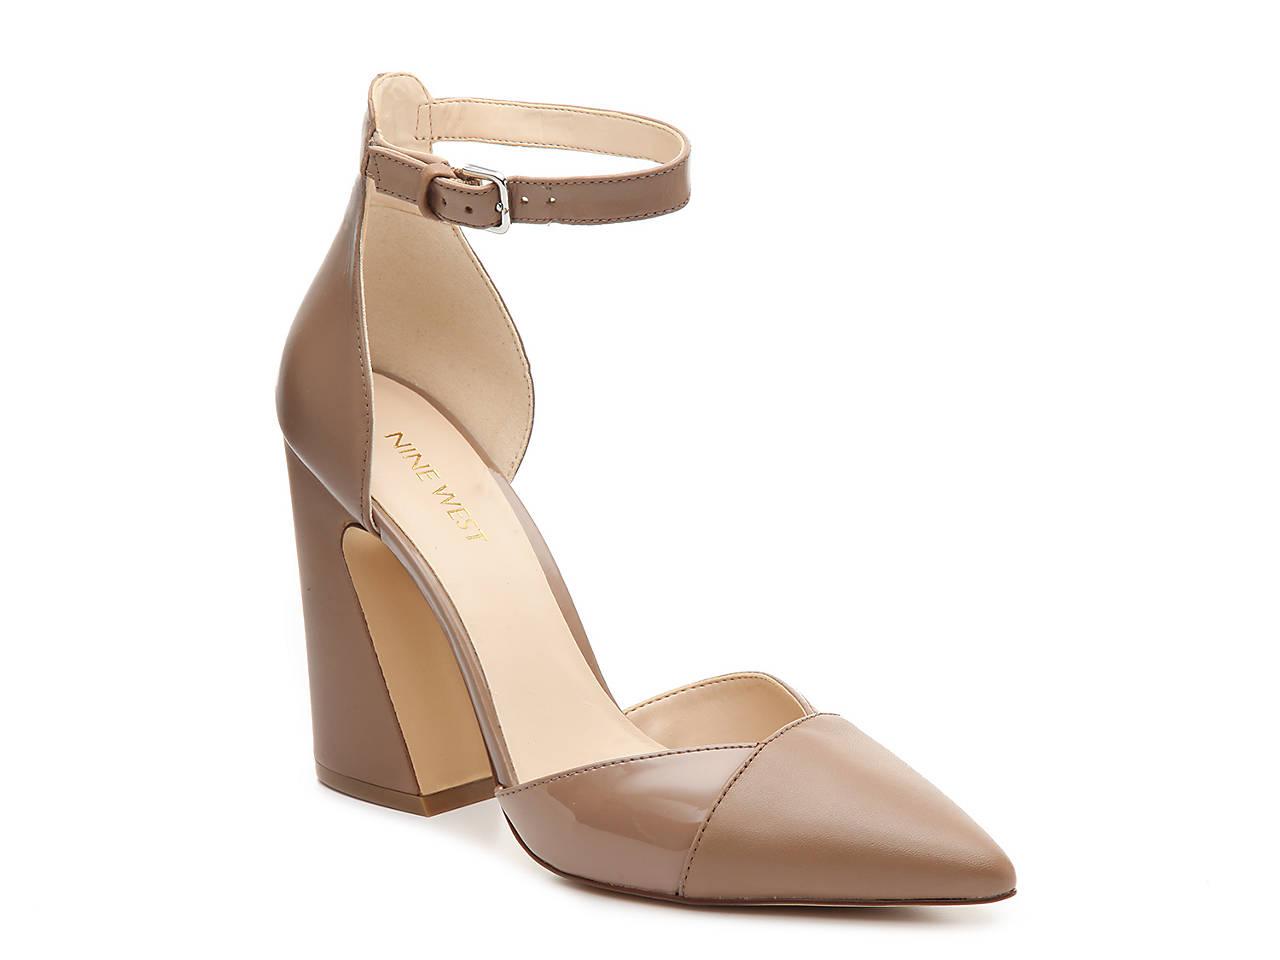 c5b435d43d5 Nine West Hartley Pump Women s Shoes